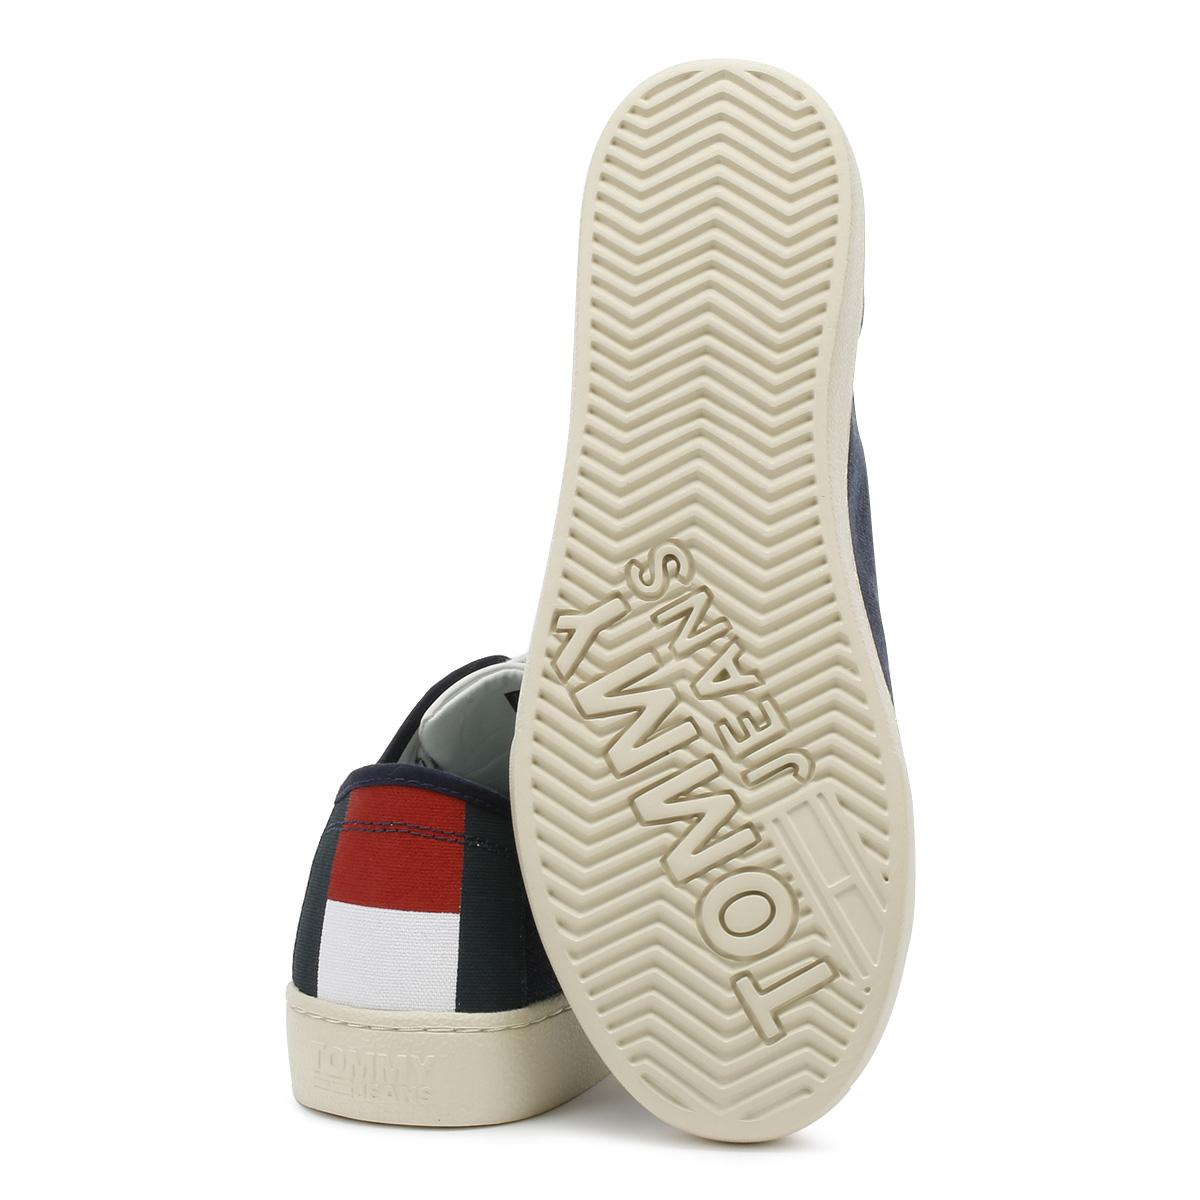 Tommy Jeans Sneaker Uomo Nero Iris Bassa Lacci Sport Scarpe Casual Scarpe classiche da uomo